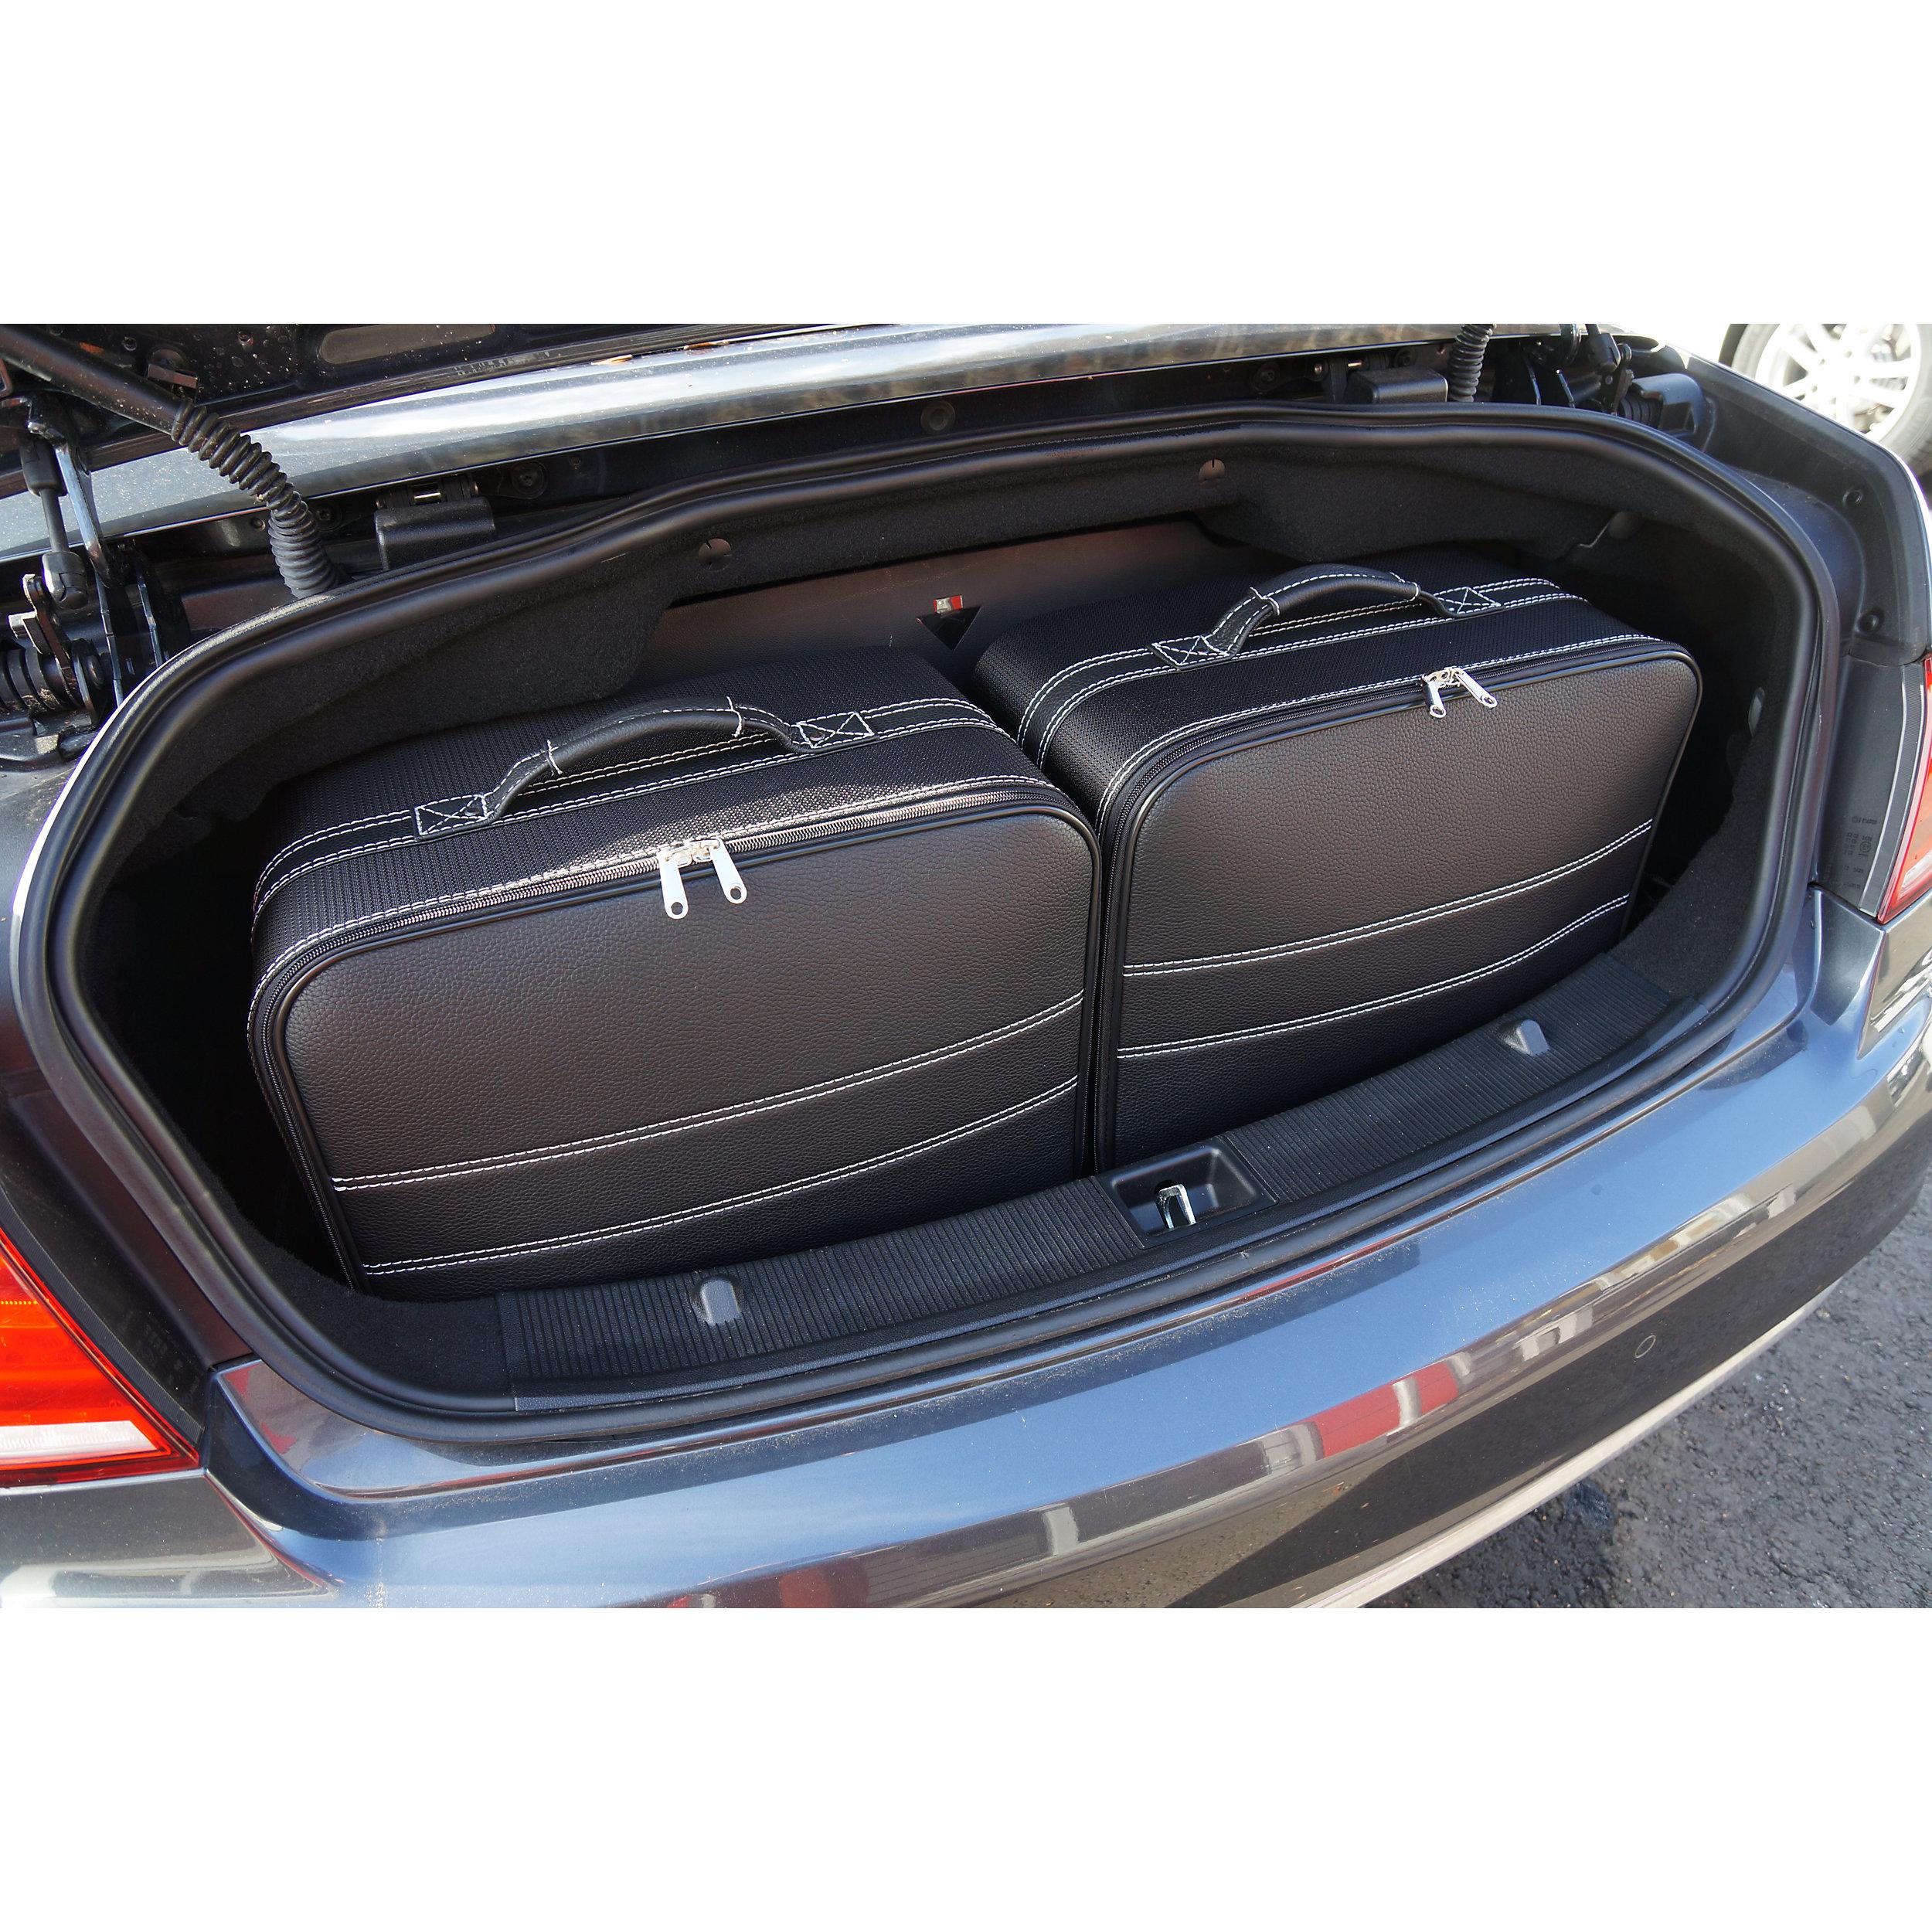 5-tlg. Kofferset mit 2 Rollen Mercedes E-Klasse Cabrio (A207) 155 Liter